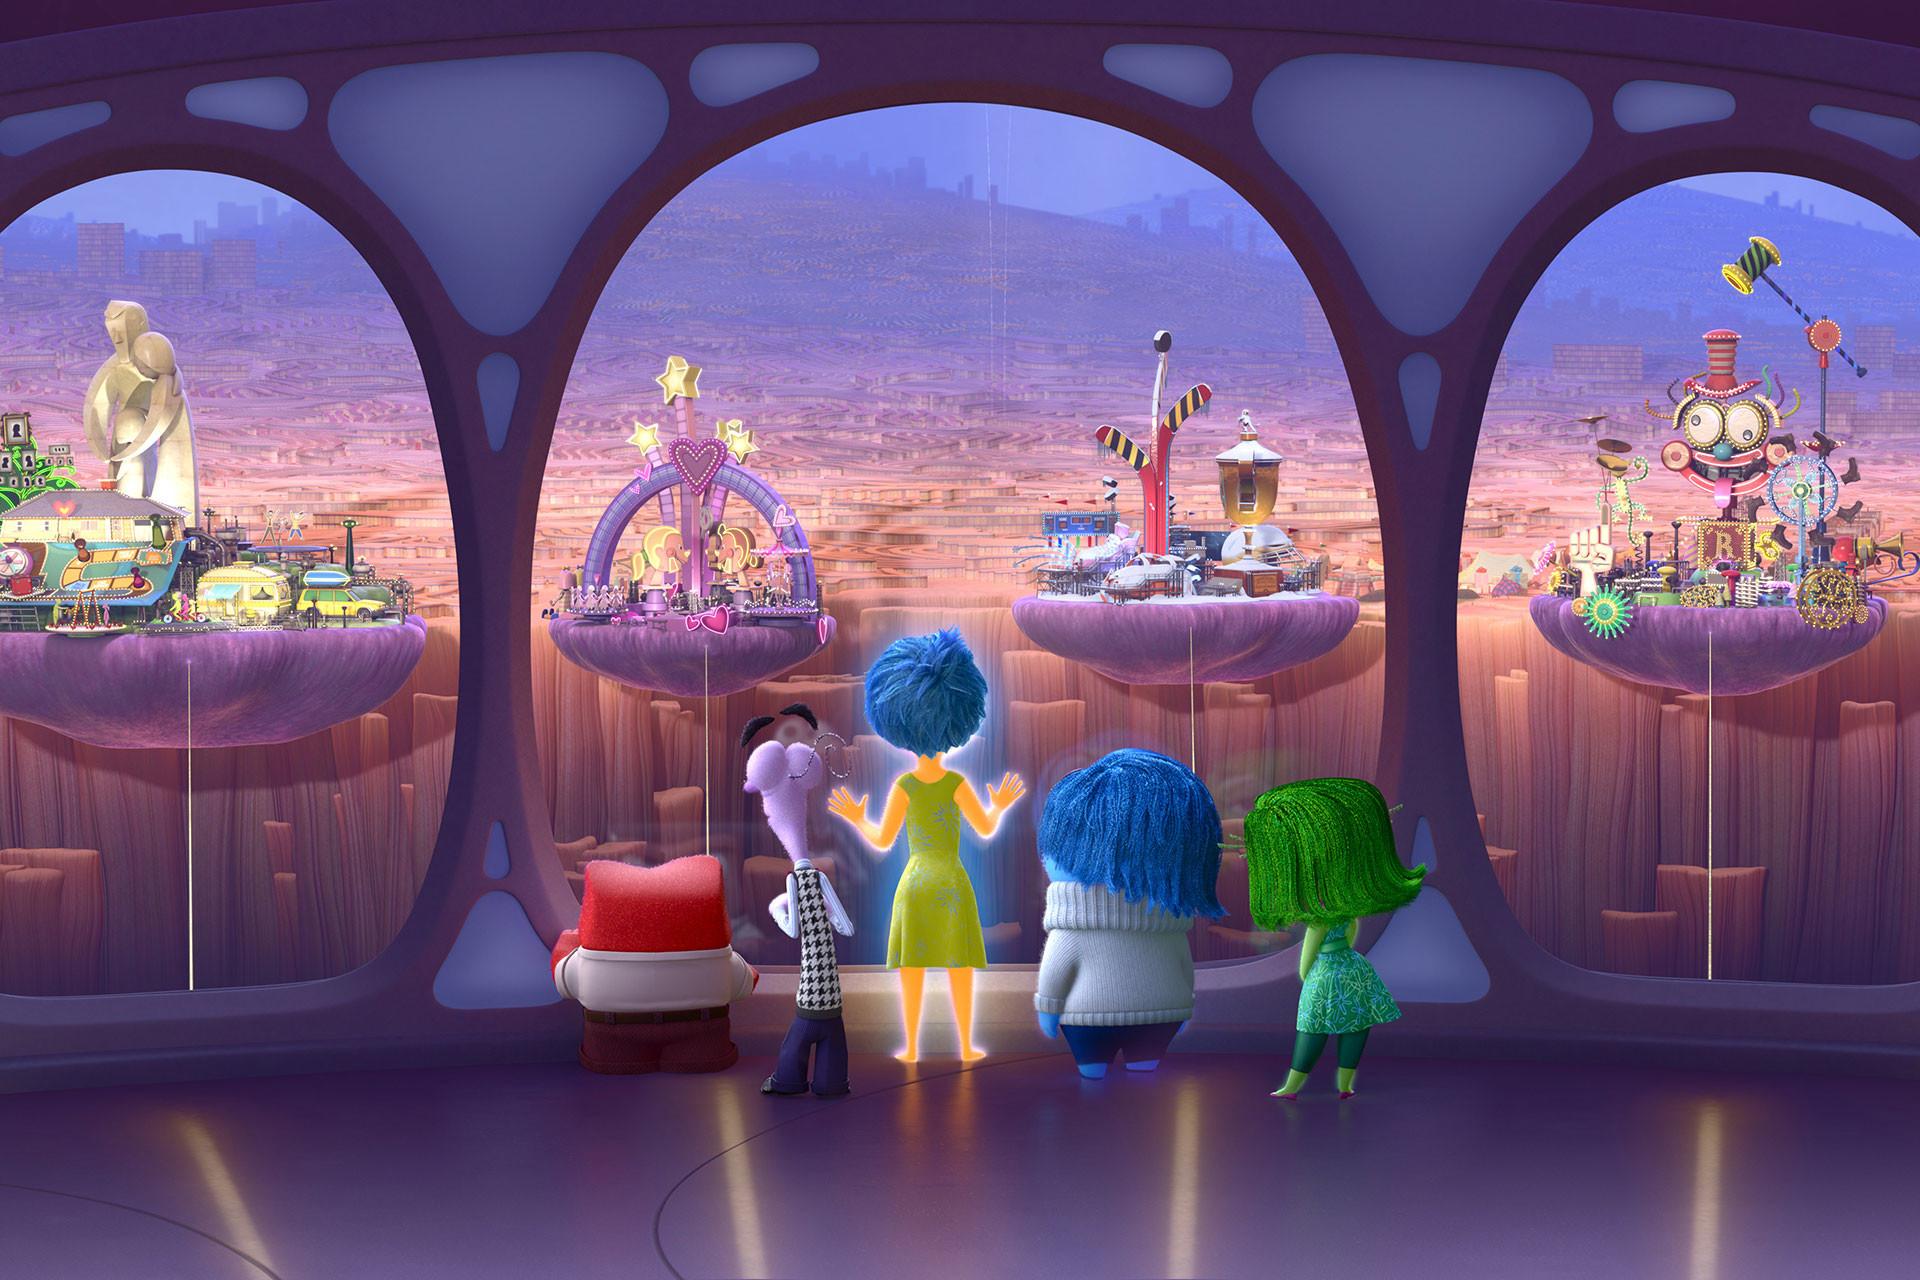 Disney-Movie-Inside-Out-Wallpaper-HD-3